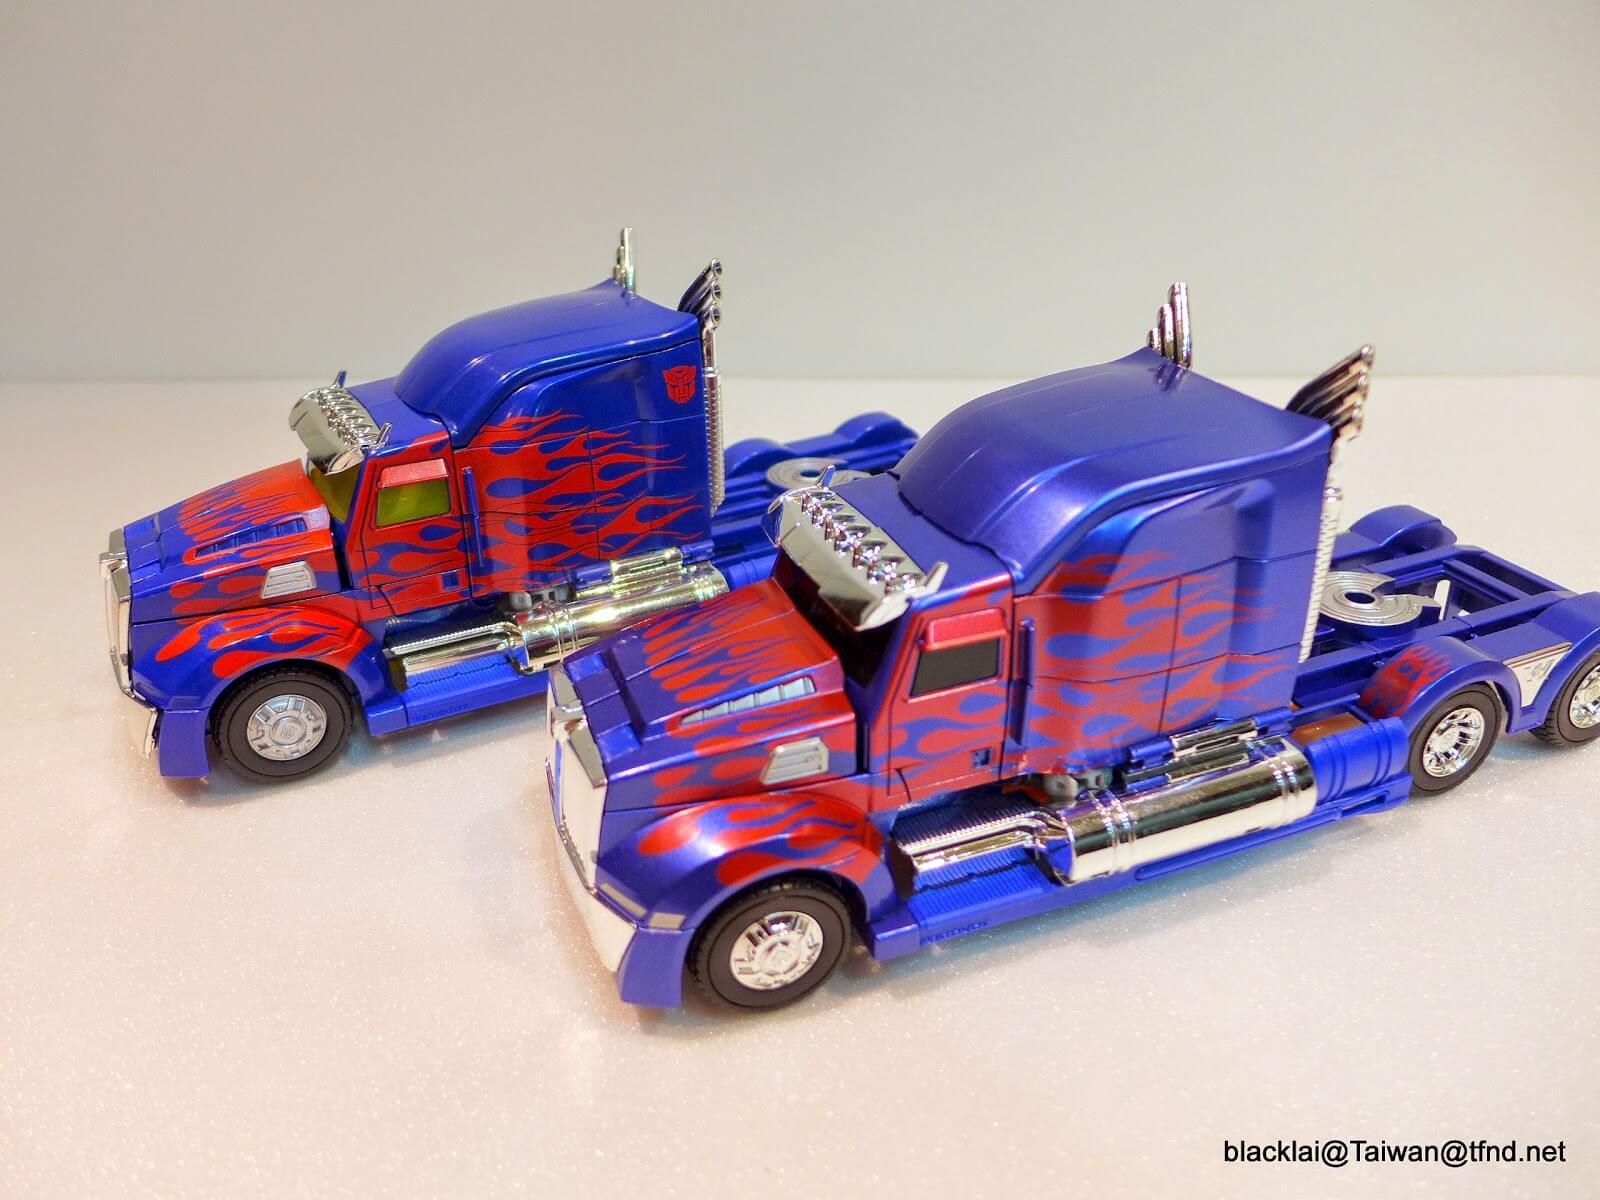 AD31 Optimus Prime vs AD01 Optimus Prime